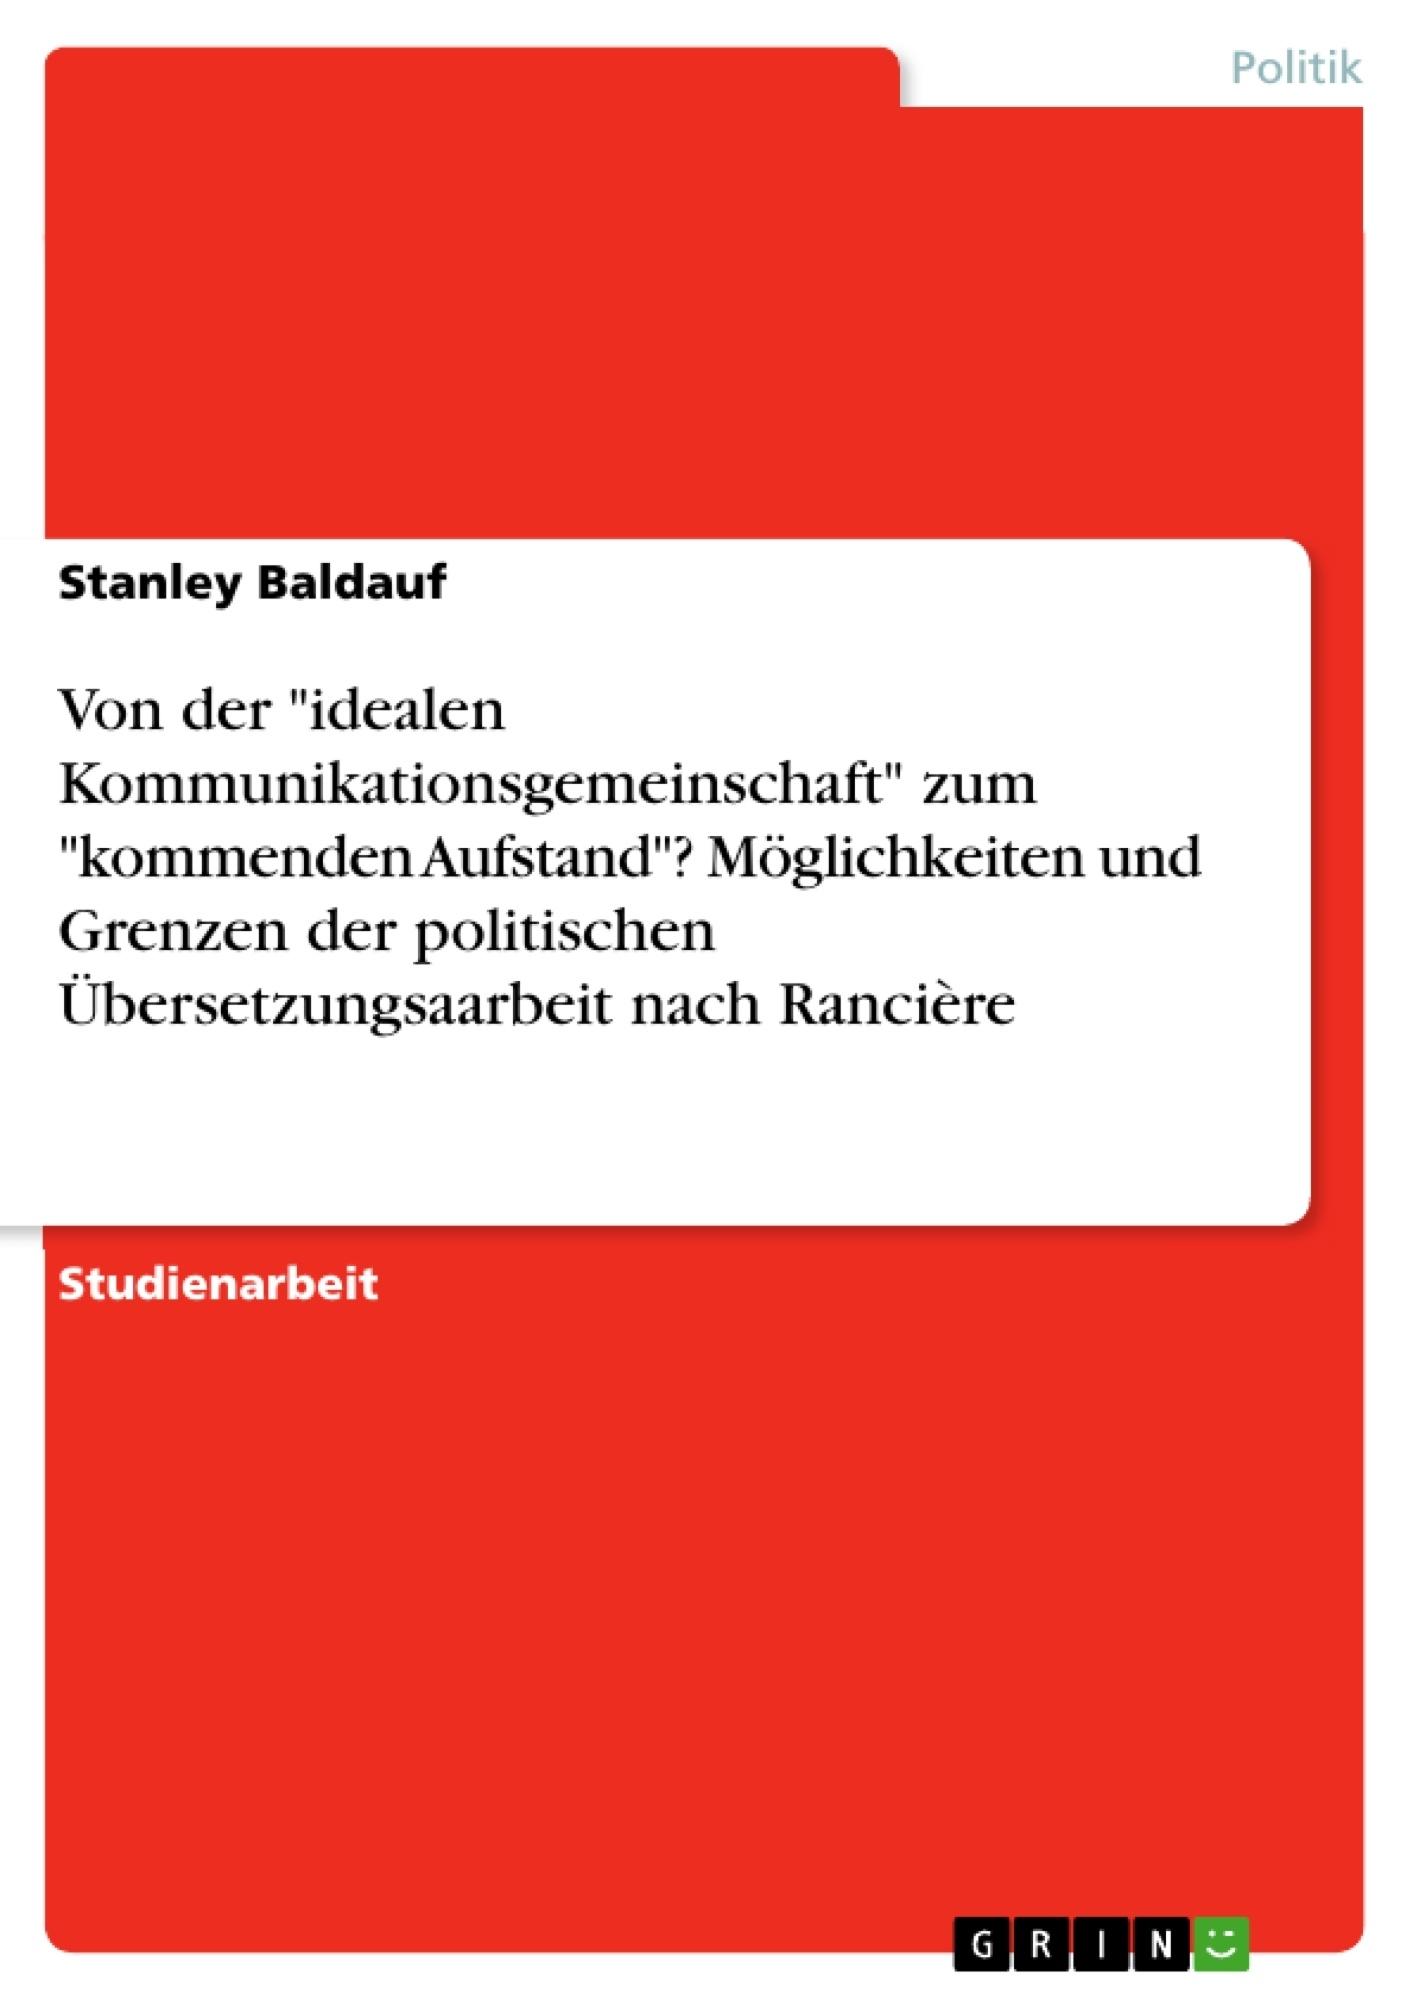 """Titel: Von der """"idealen Kommunikationsgemeinschaft"""" zum """"kommenden Aufstand""""? Möglichkeiten und Grenzen der politischen Übersetzungsaarbeit nach Rancière"""